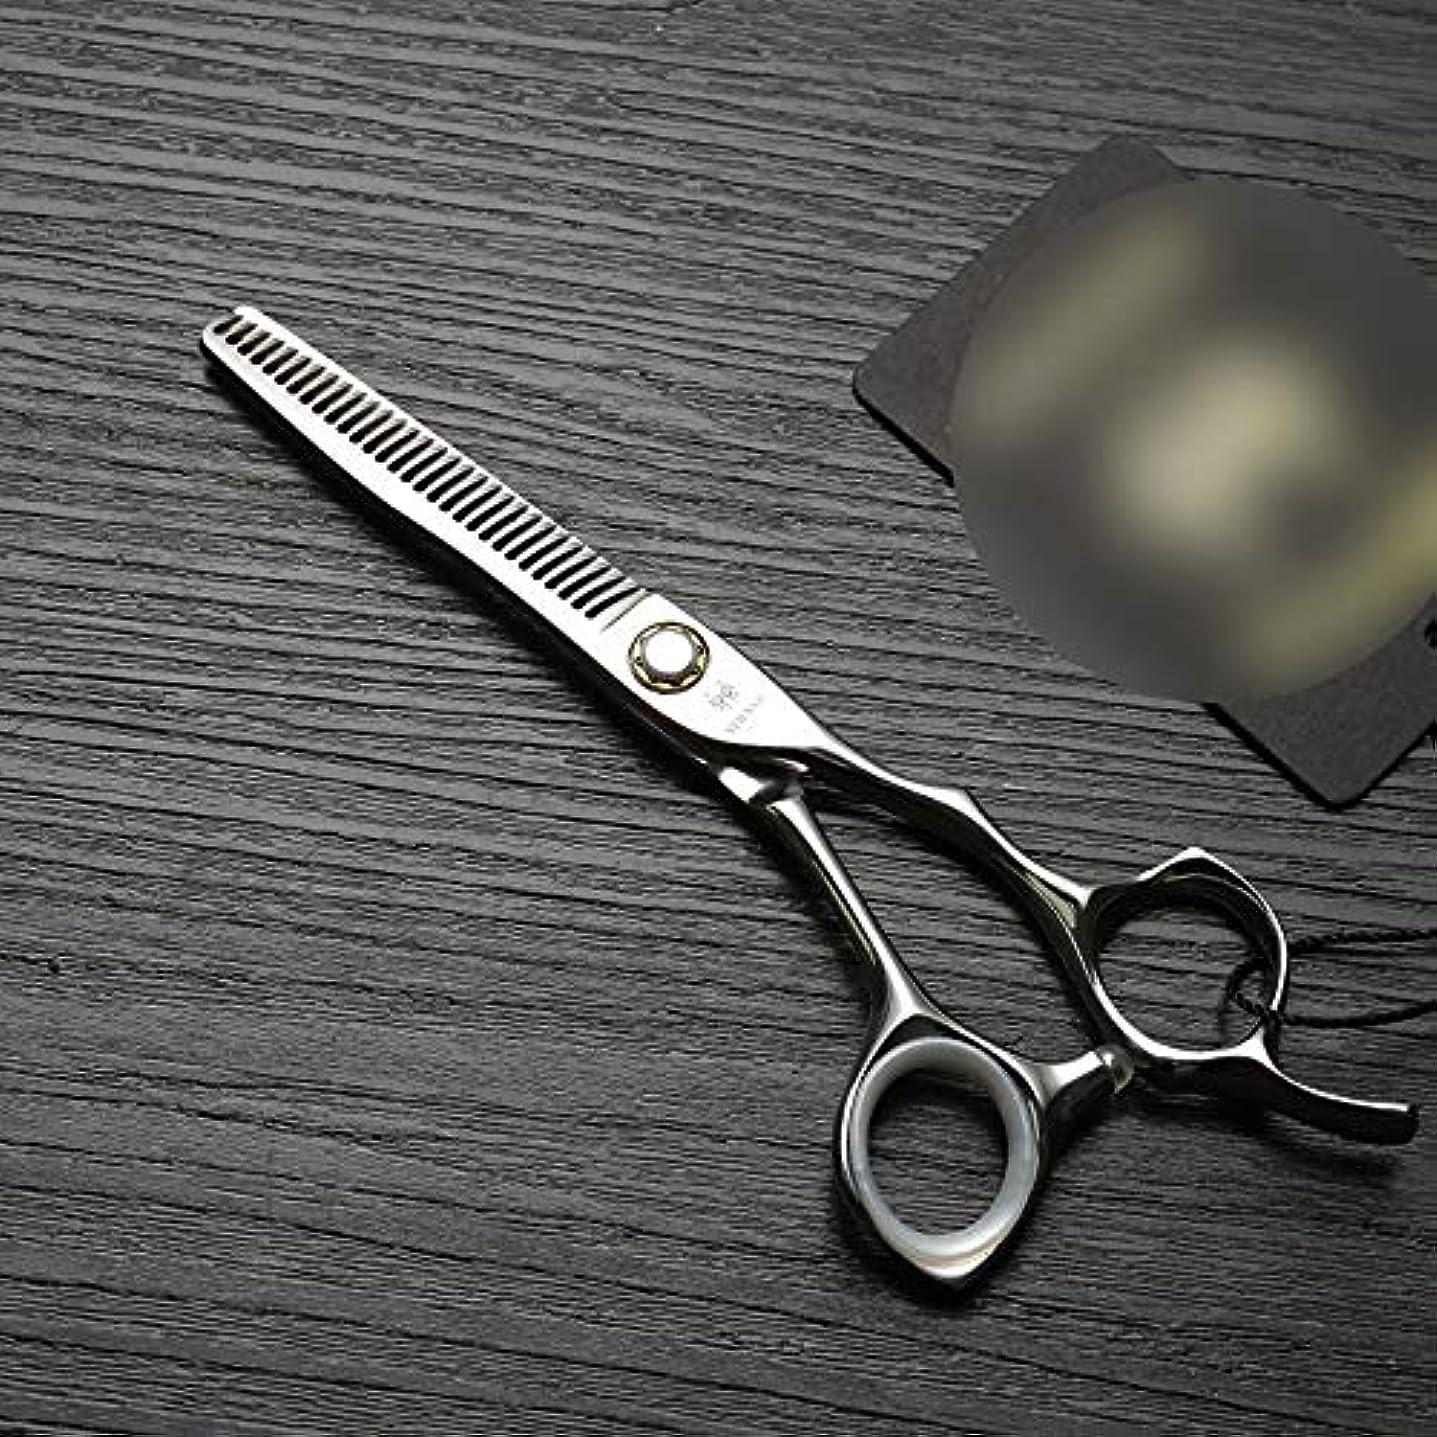 局深い世界記録のギネスブックHOTARUYiZi 散髪ハサミ カットバサミ 耐久性 プロ ヘアカット 散髪はさみ セニング すきバサミ カットシザー 品質保証 美容院 専門カット 6インチ 髪カット (色 : Silver)